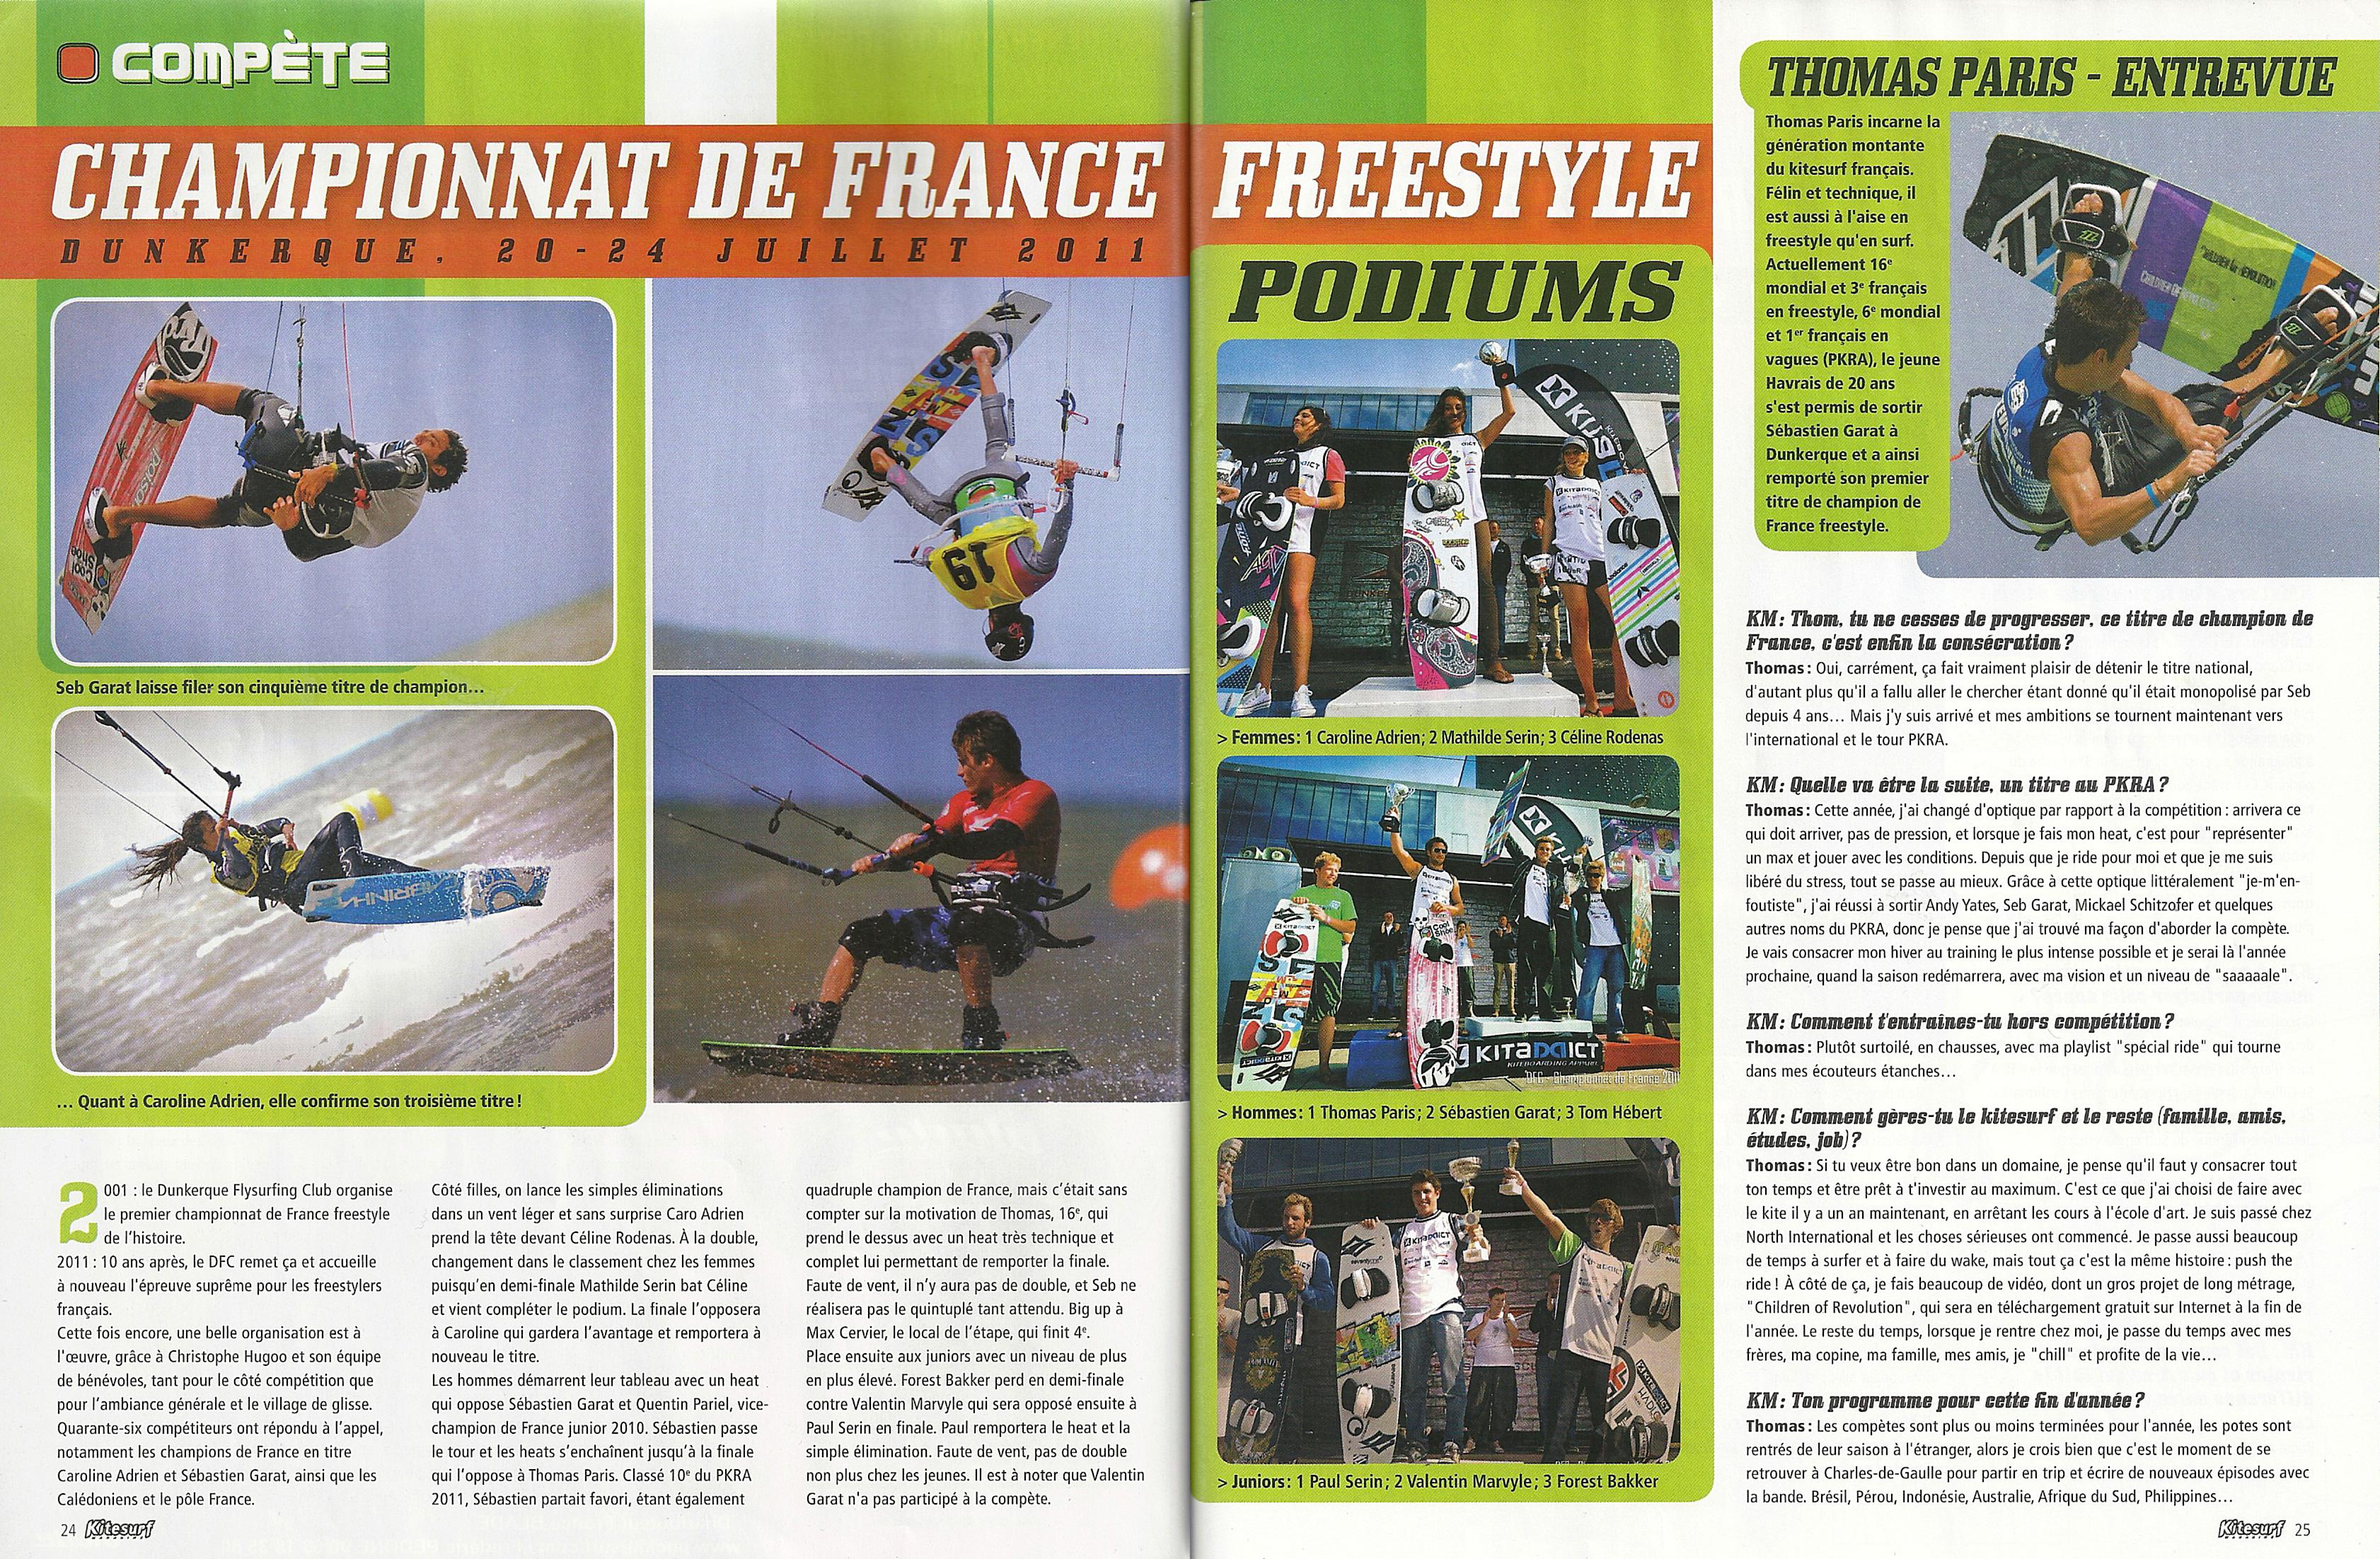 Kitesurf Magazine fait l'article sur le C.F. Freestyle 2011